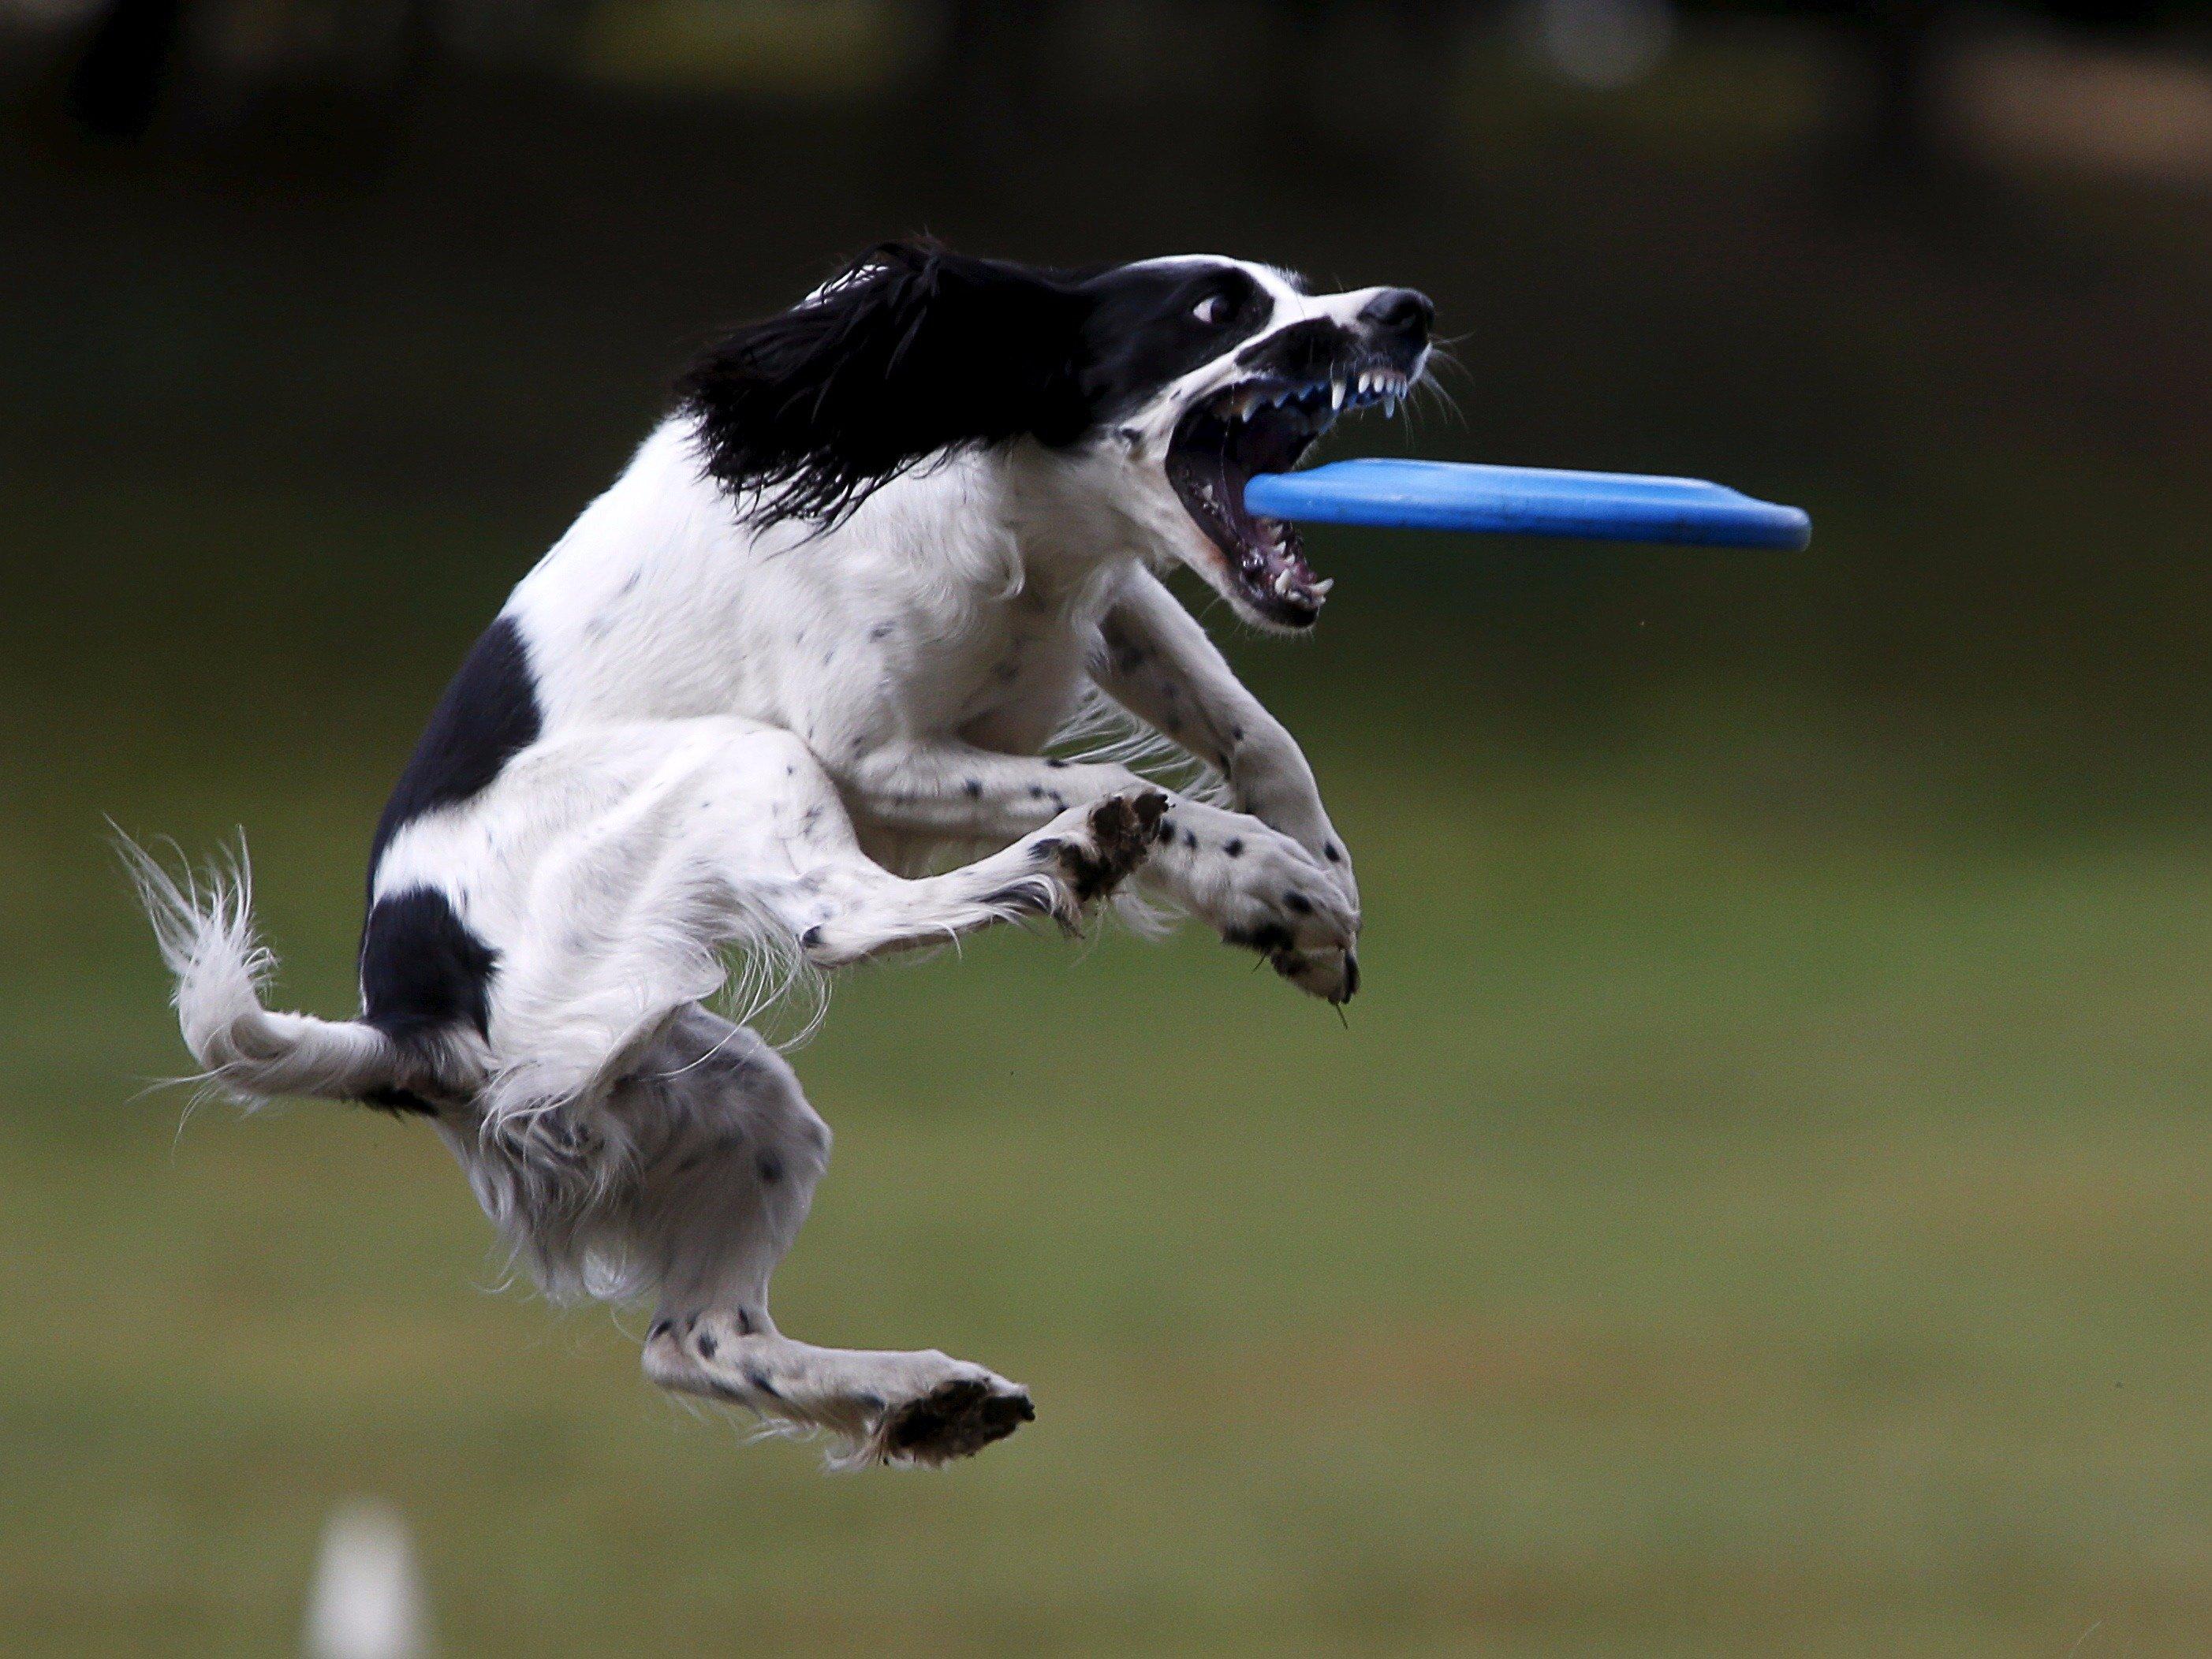 犬飞盘训练